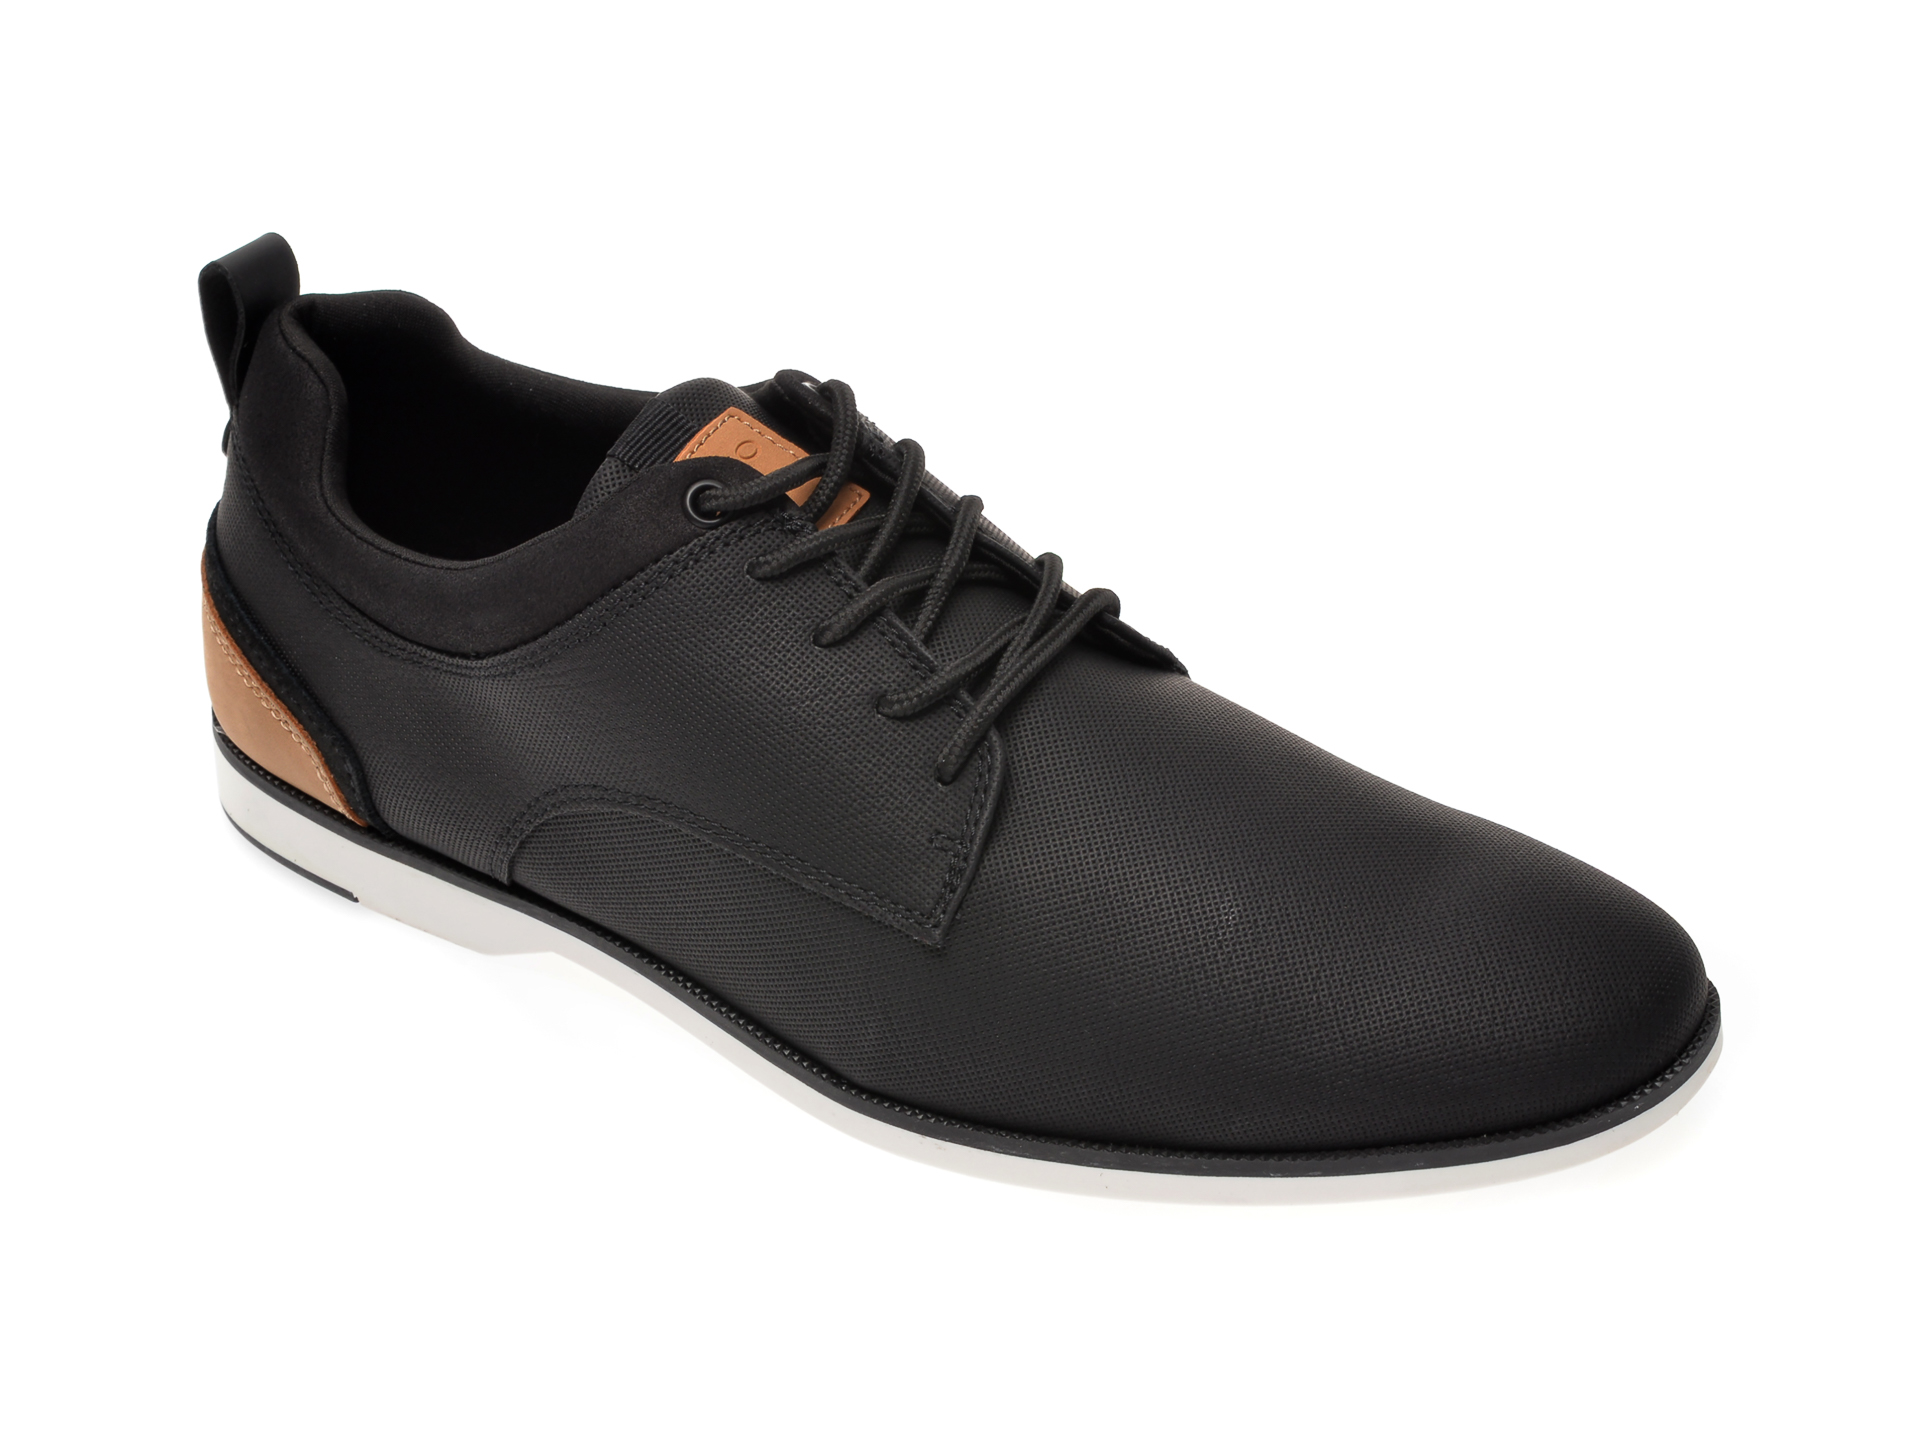 Pantofi ALDO negri, Voedien001, din piele ecologica